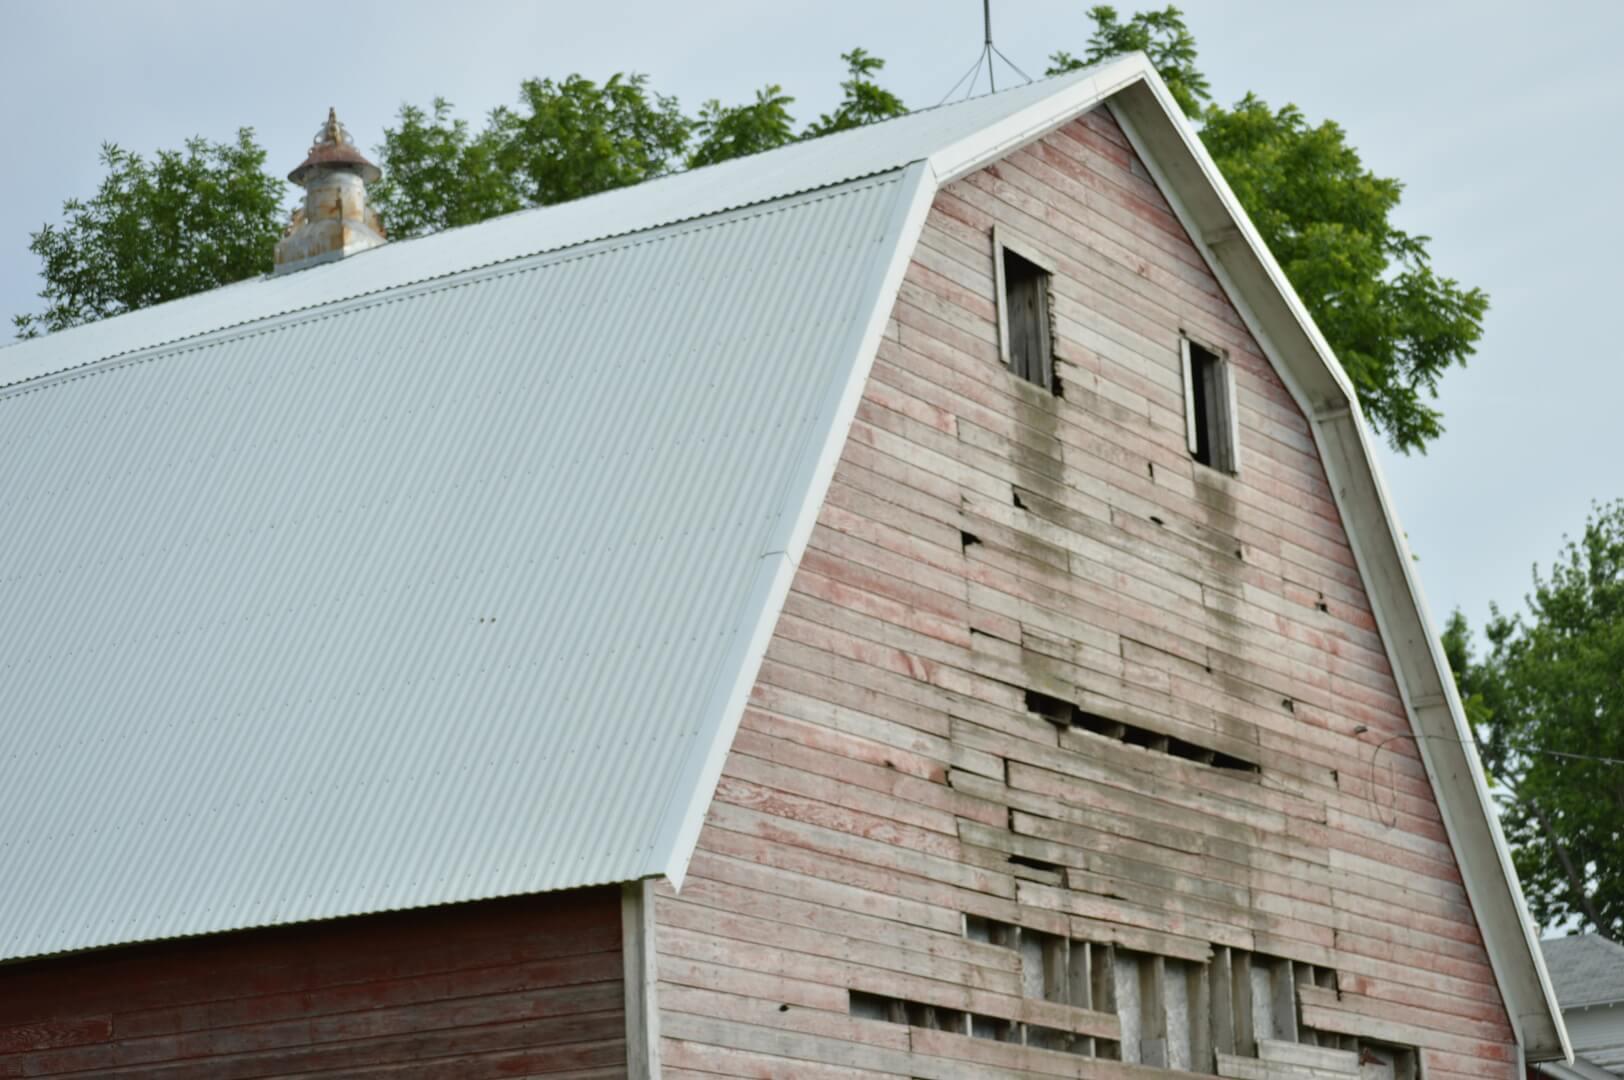 Façade abîmée d'une maison en bois